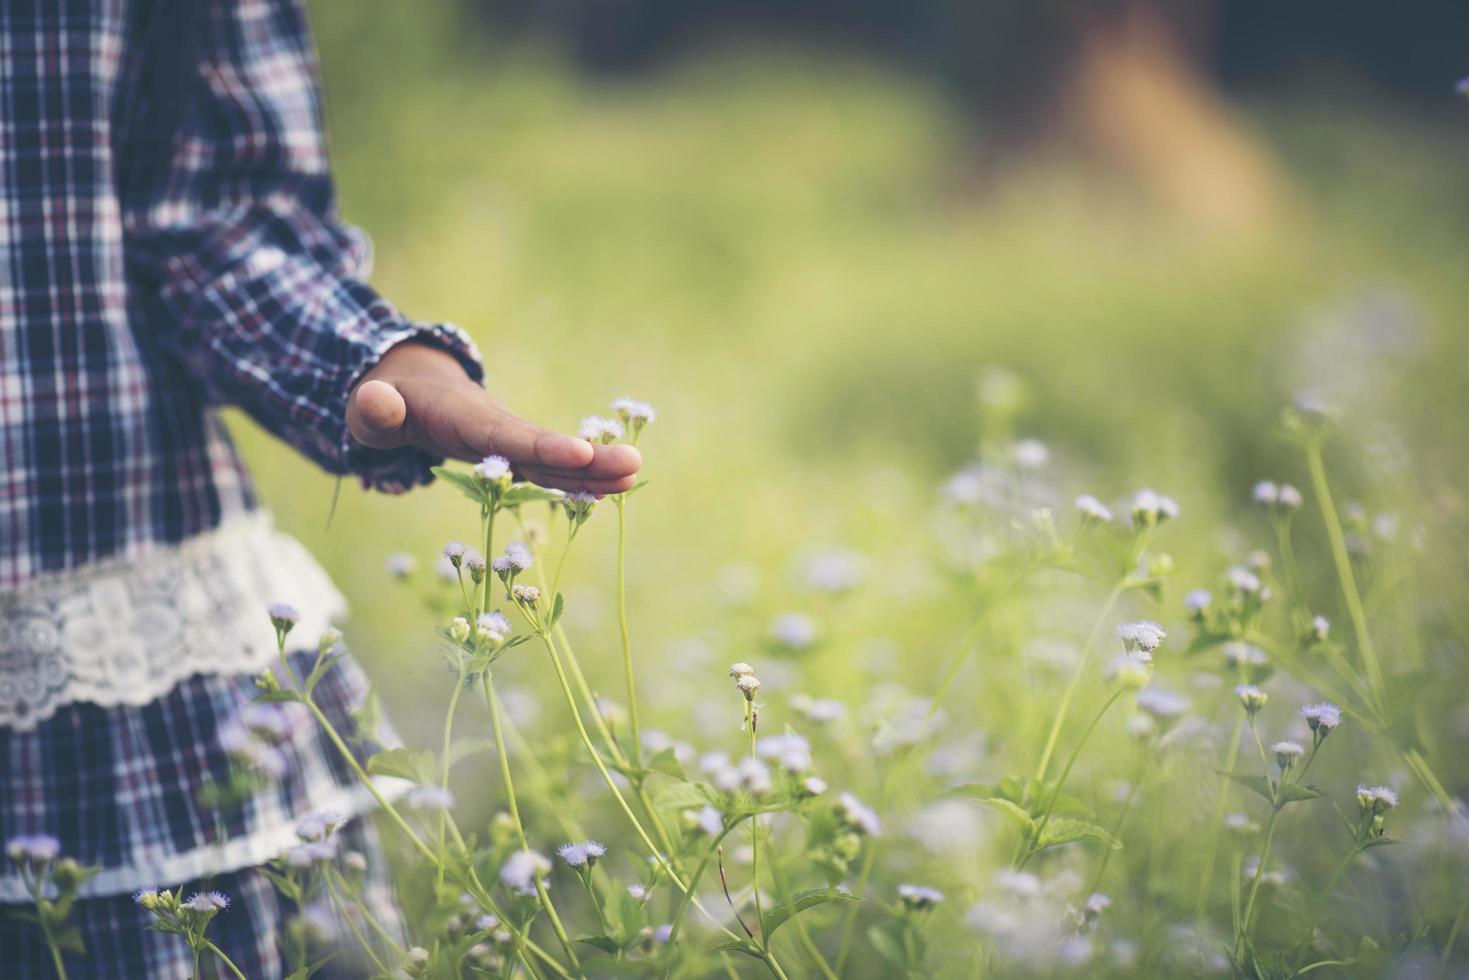 närbild av en liten flickas hand vidrör vildblommor foto